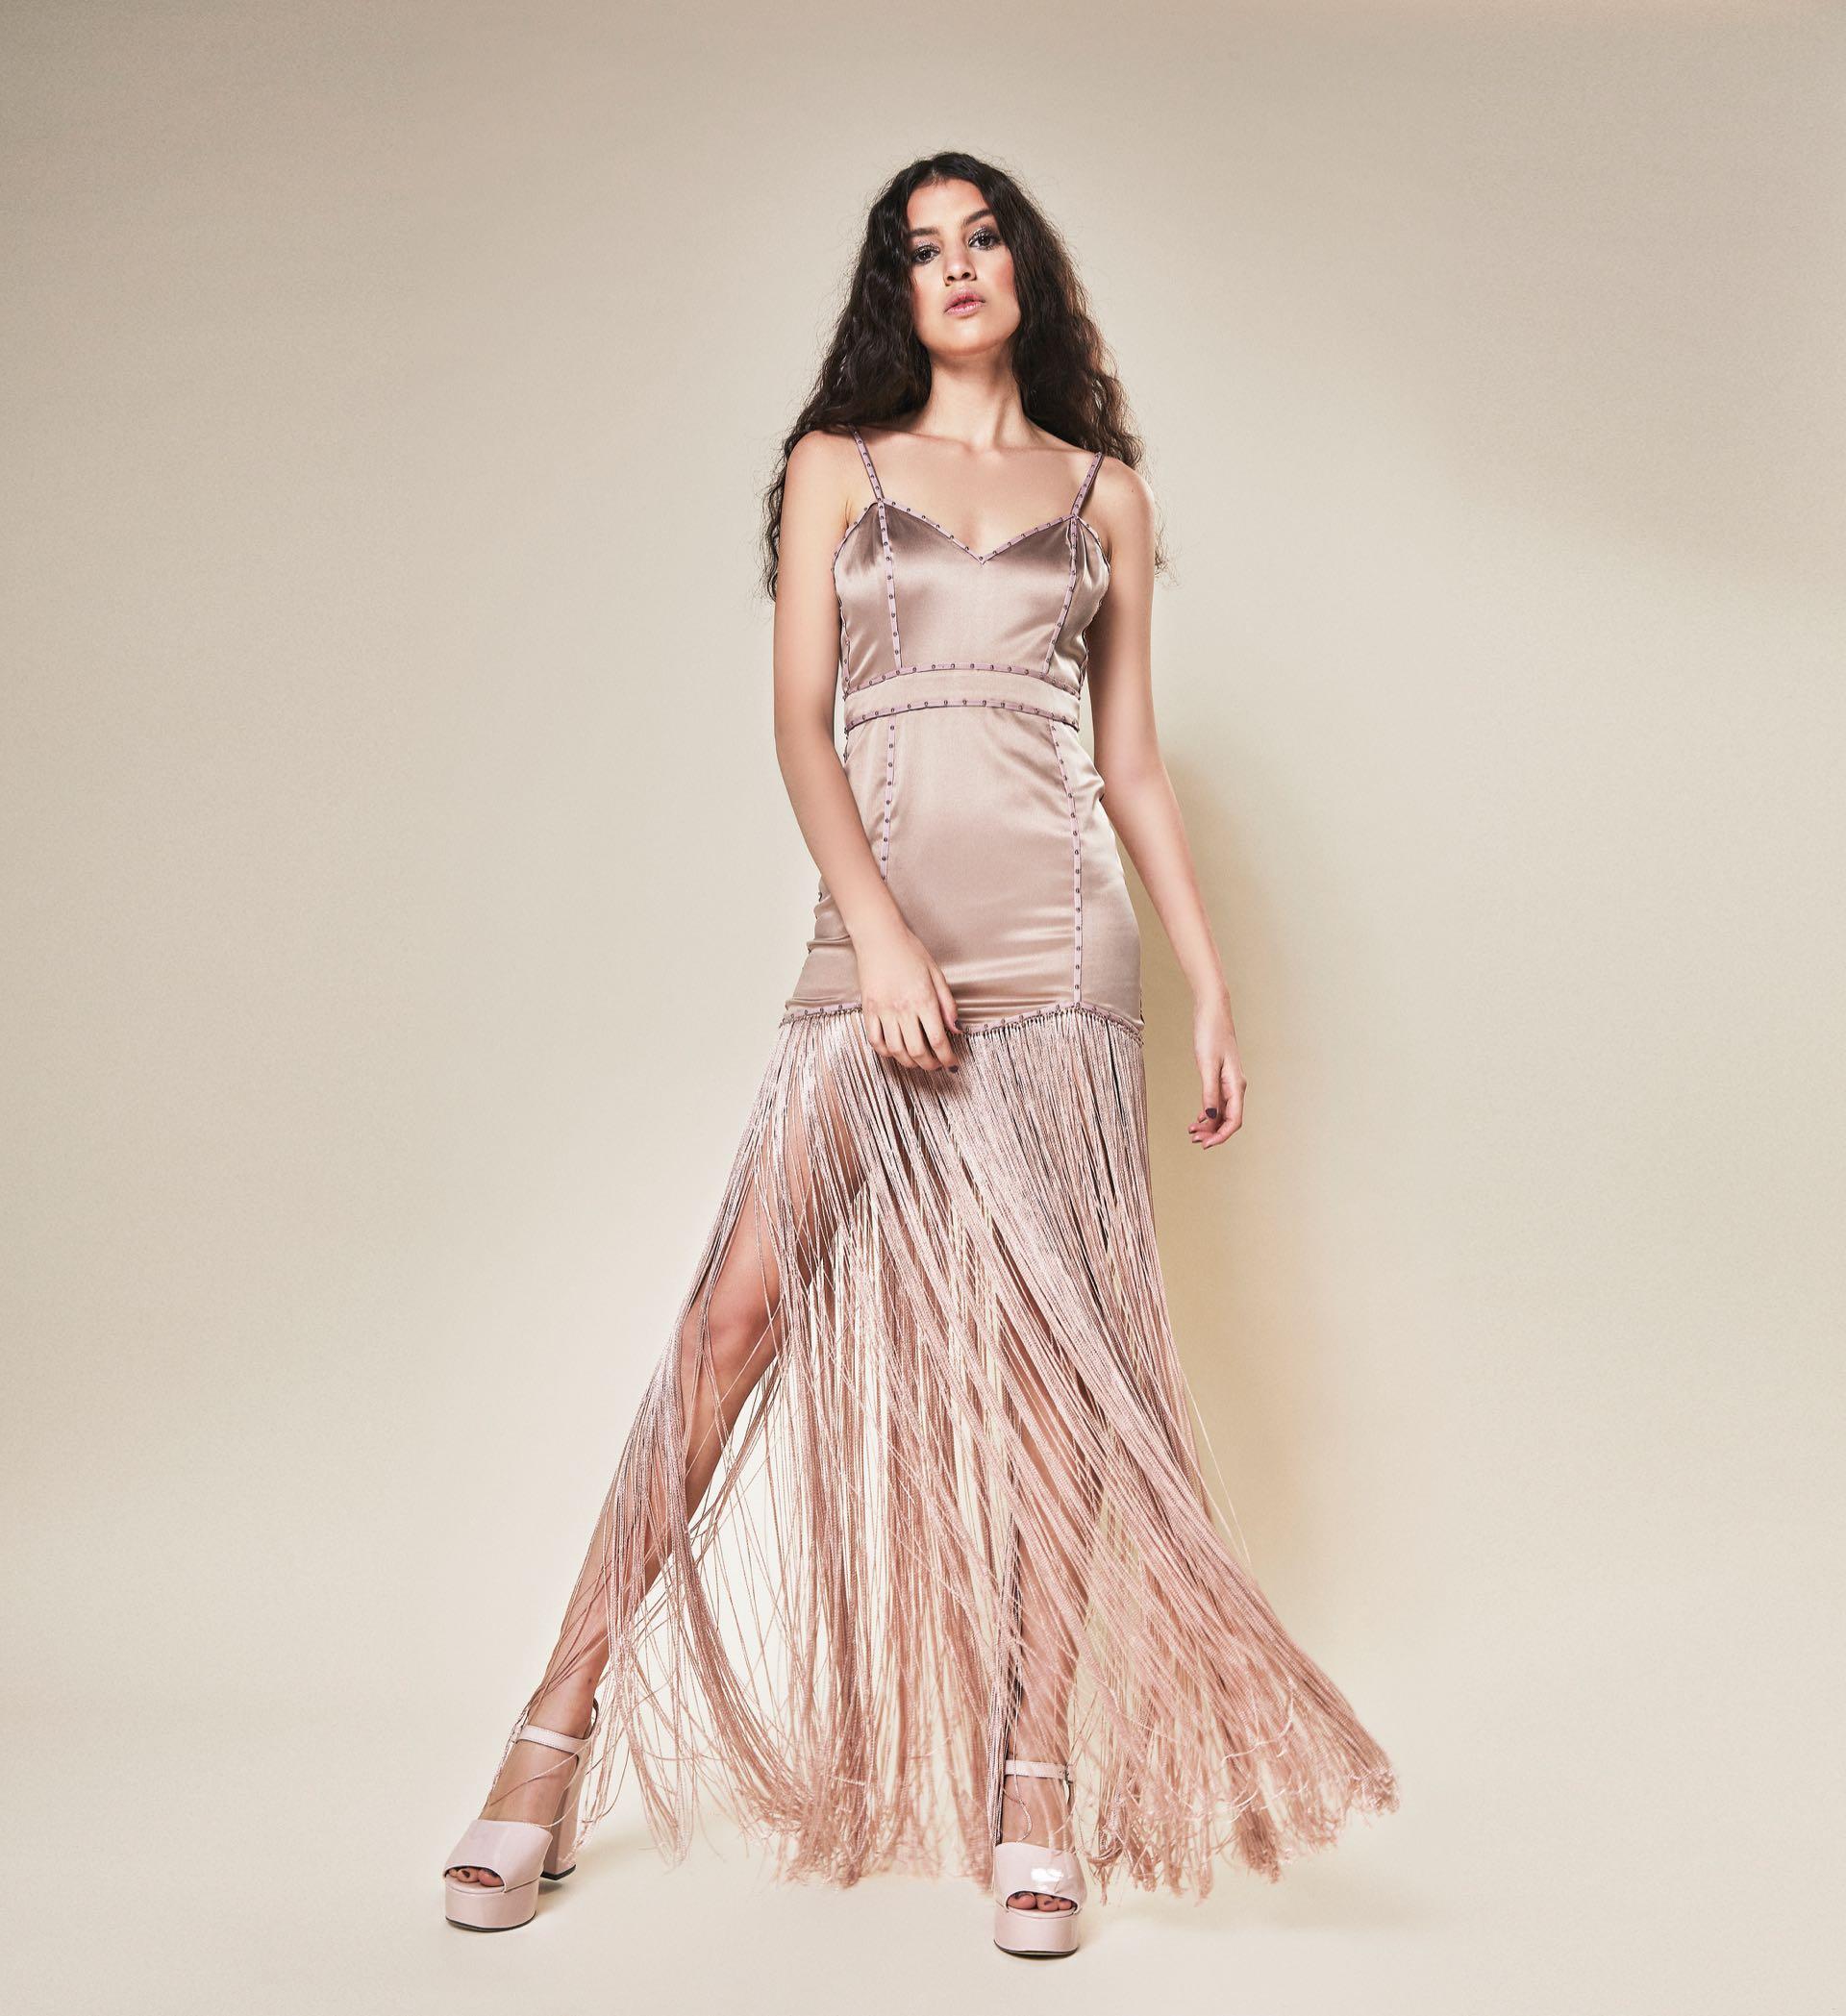 Vestido de satén elastizado con tachas y flecos de seda (Muscaria Couture) y sandalias con plataforma ($ 2.990, Viamo).